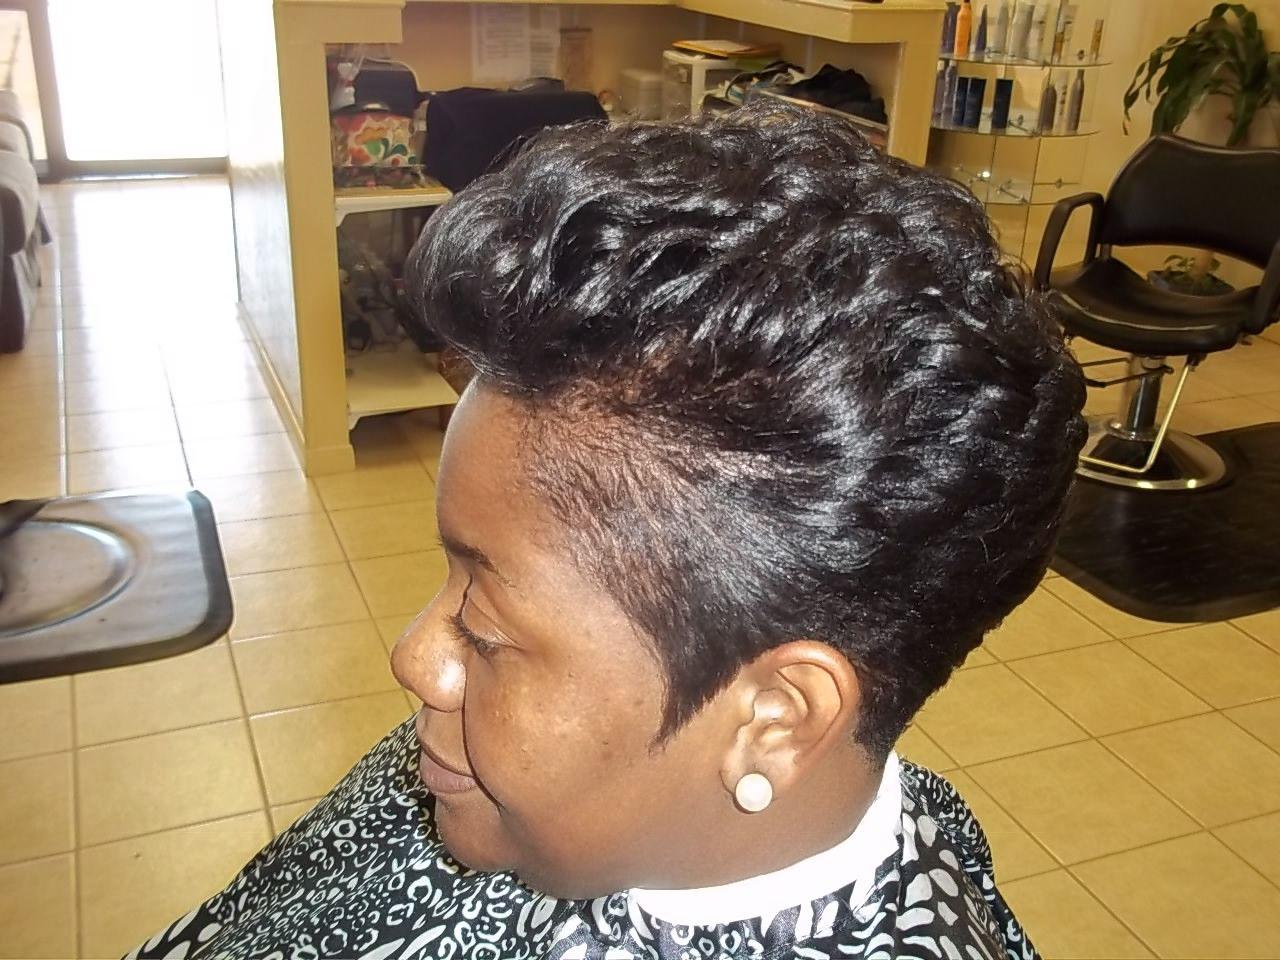 Healthy Hair Care Stylist #Bangincutznstylz #Houston #Katy #Texas #short #sassy #styles